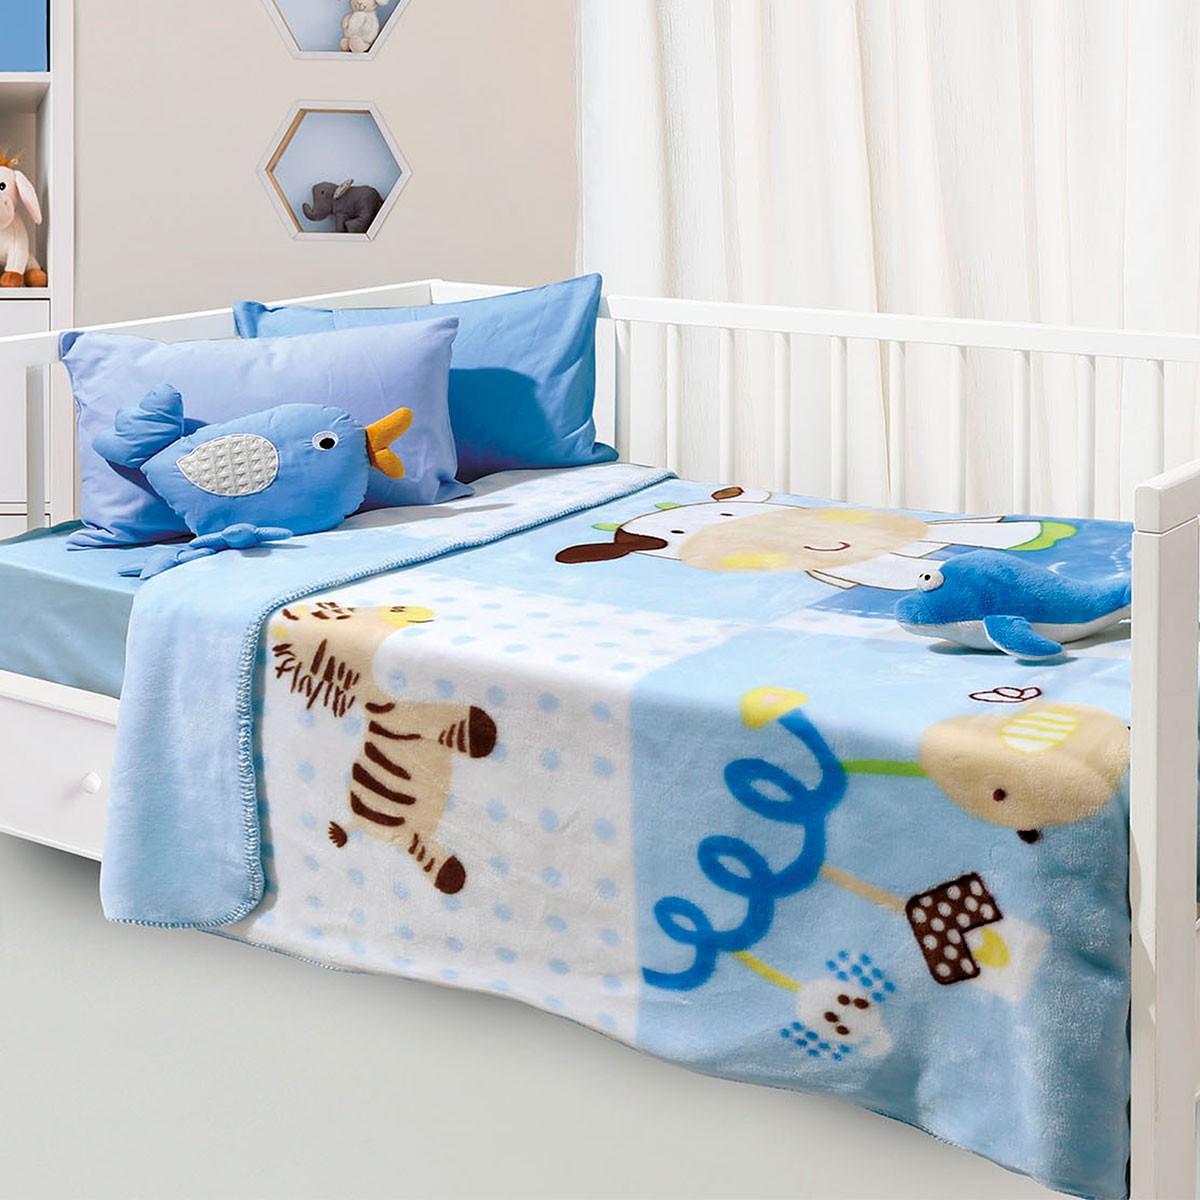 Κουβέρτα Βελουτέ Κούνιας Das Home Relax Line 6350